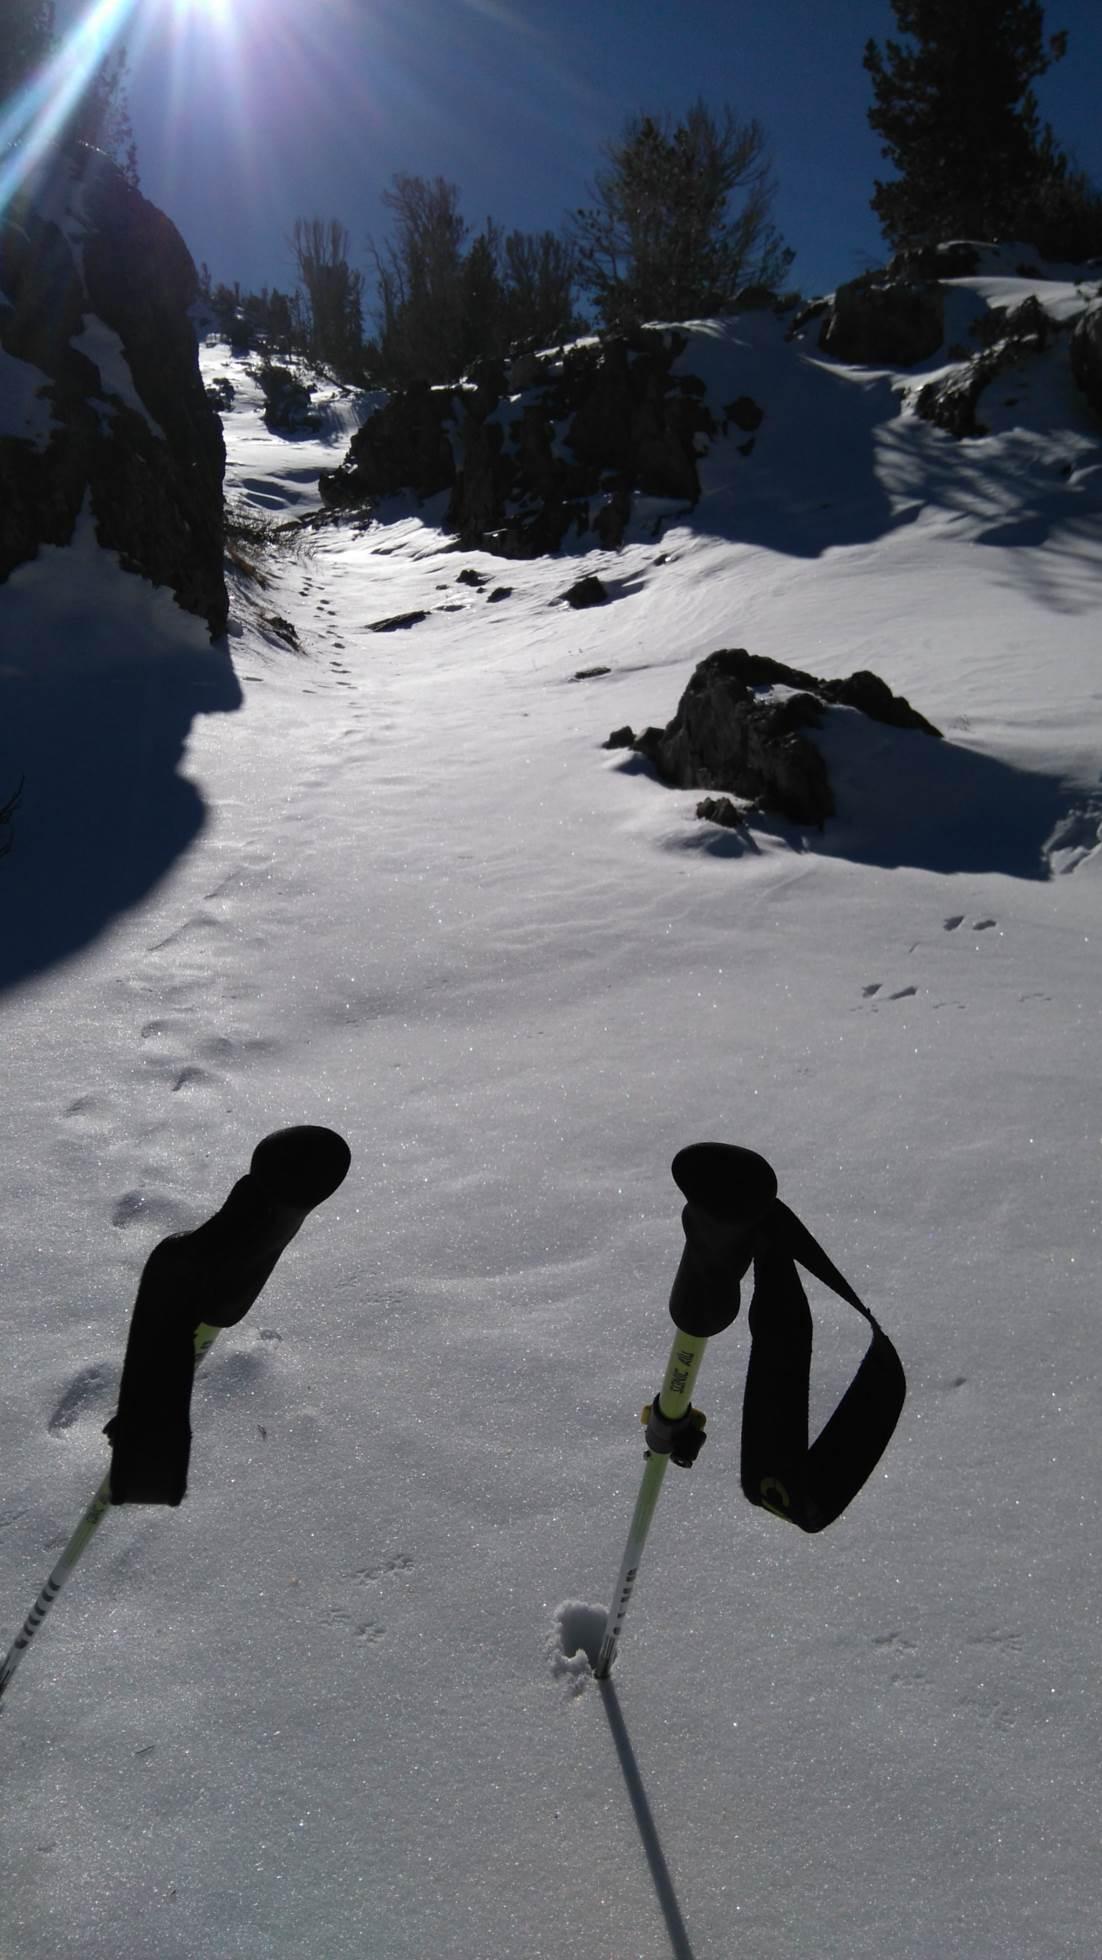 Neve troppa neve per il mio cammino, ma non sono solo